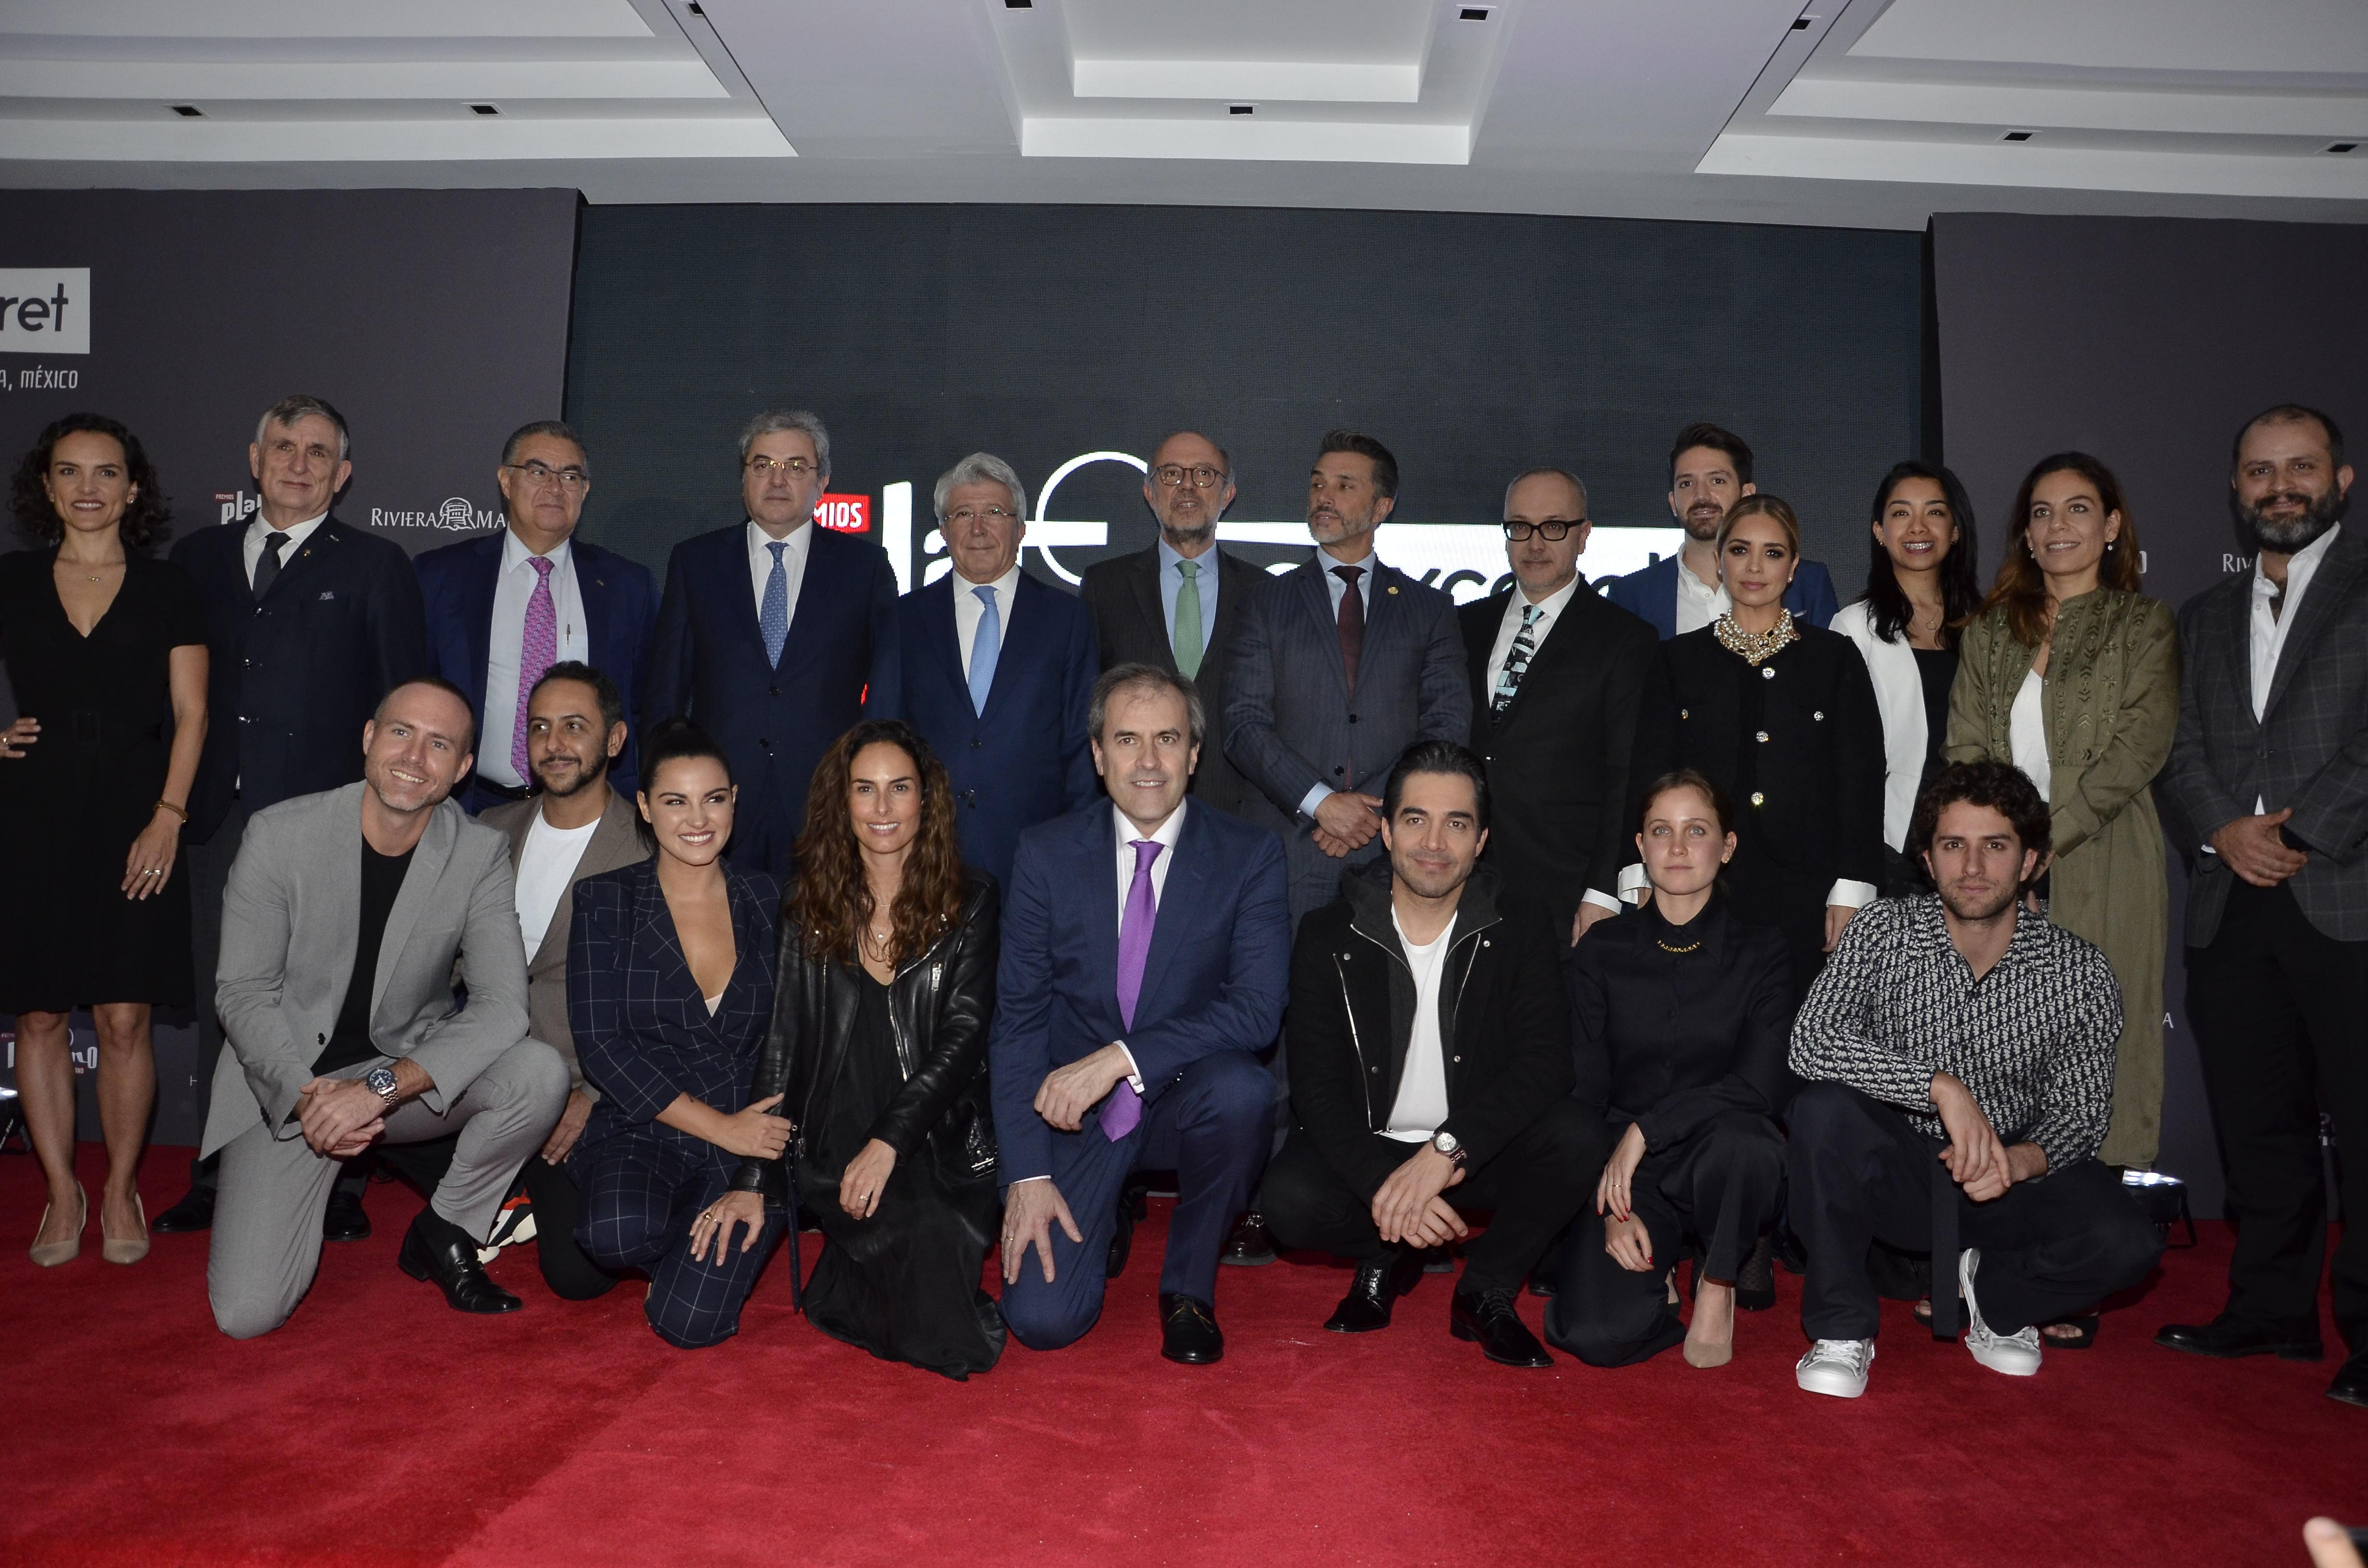 Invitados de presentación Premios Platino Xcaret 2020 / Fotografía de Javier Arellano